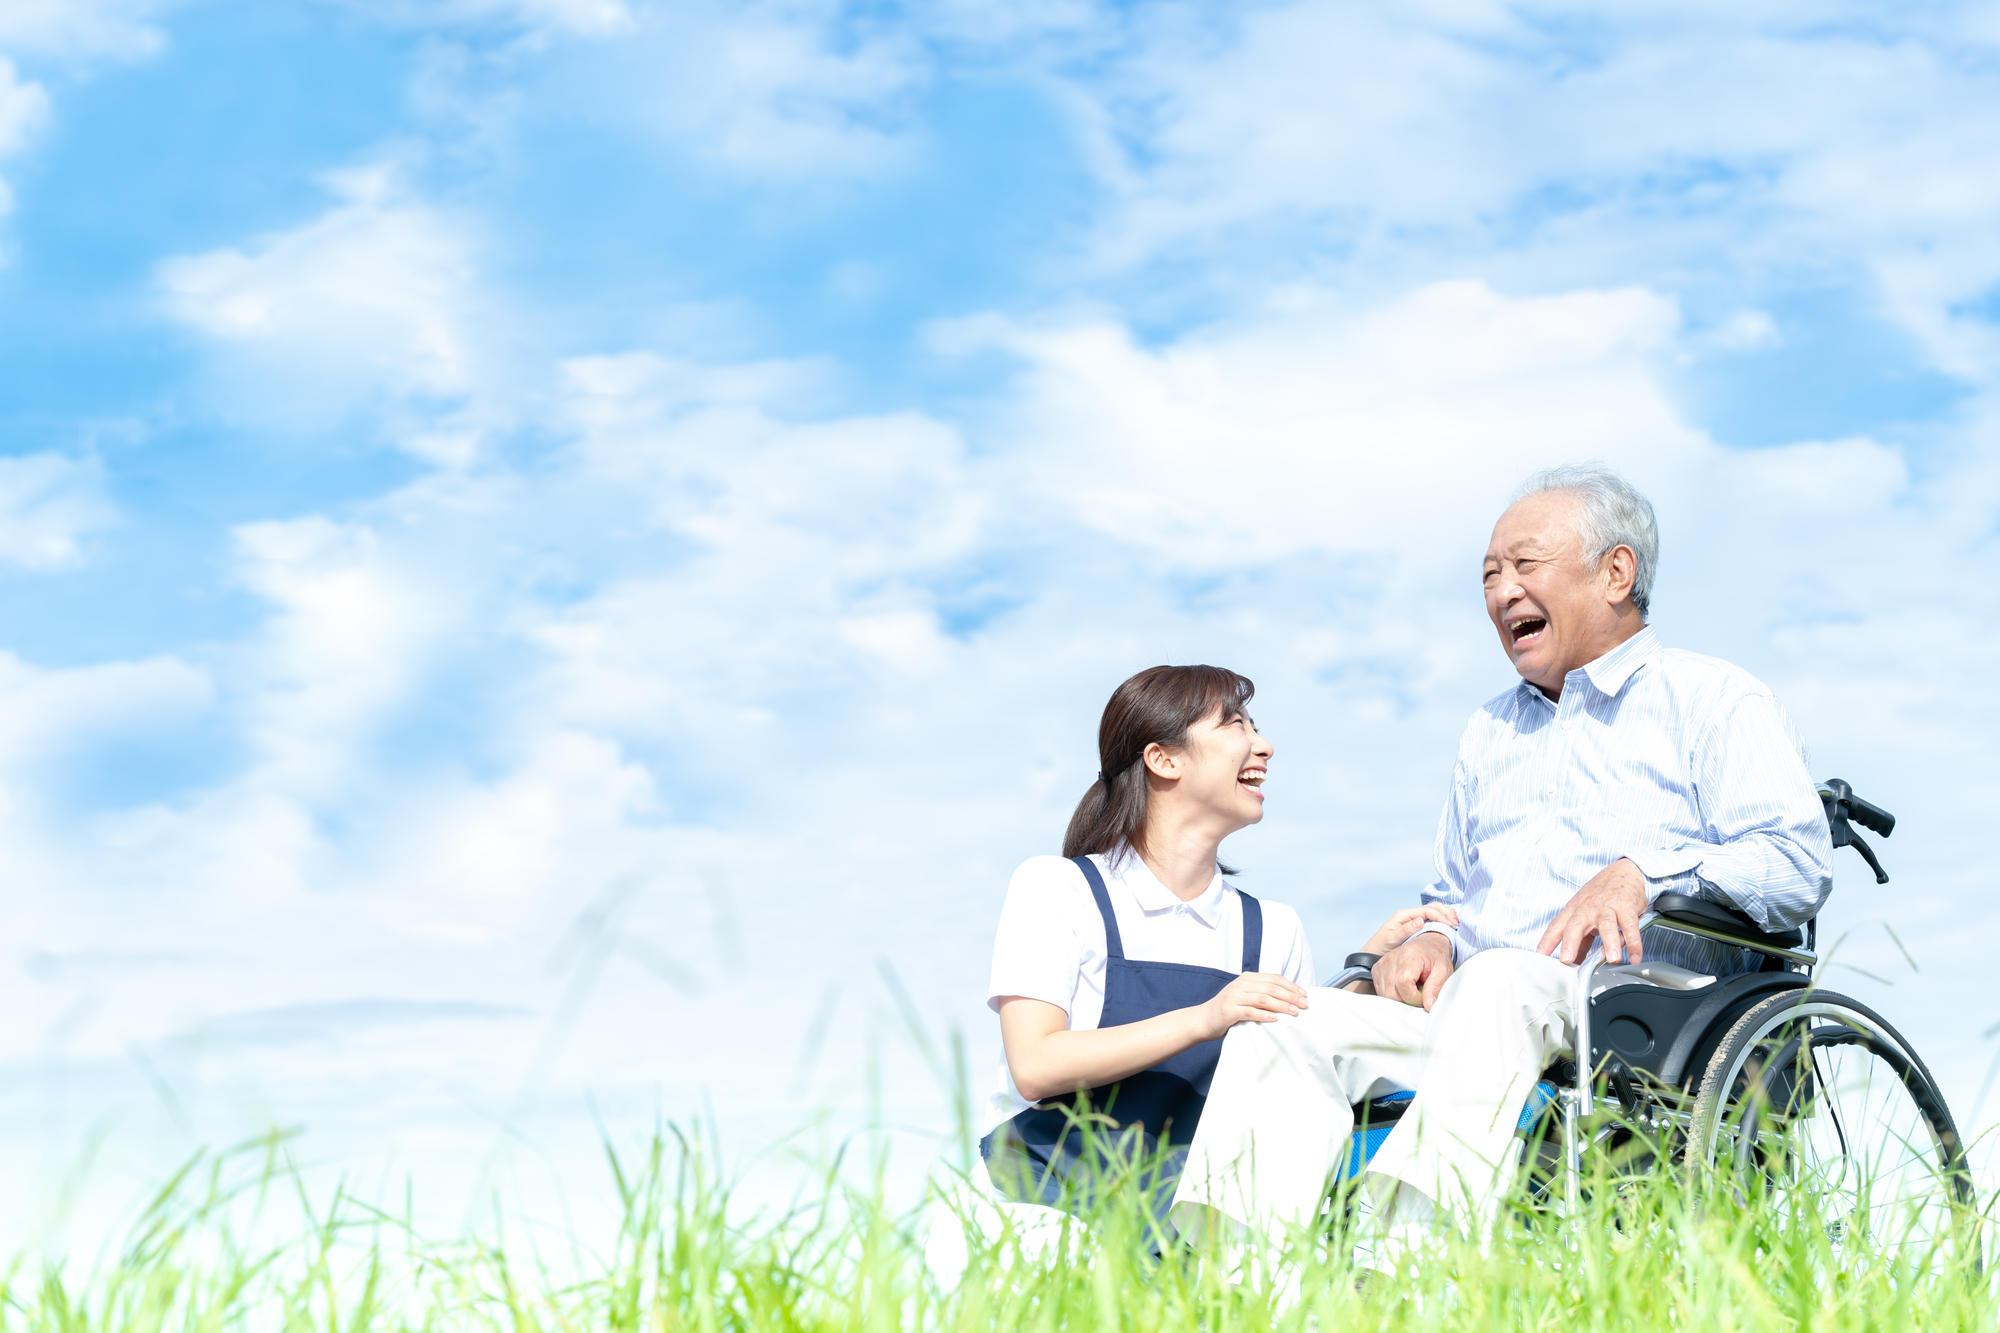 介護保険だけでは不十分!? 日本の少子高齢化を支える「地域包括ケアシステム」の重要性|介護のコラム